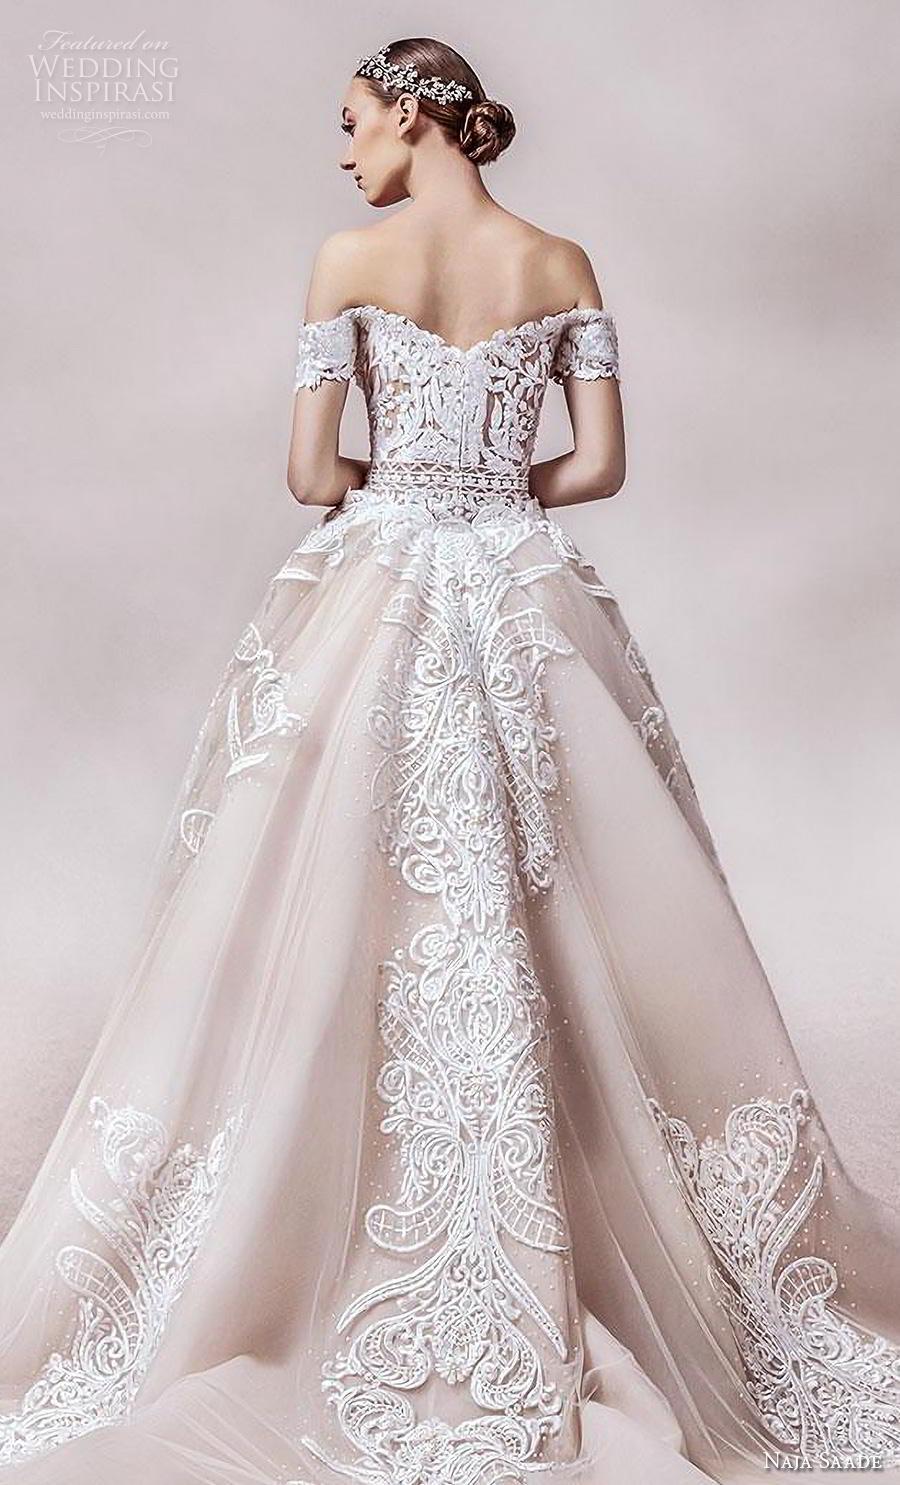 naja saade 2018 bridal off the shoulder semi sweetheart neckline full embellishment elegant glamorous sheath wedding dress a  line overskirt mid back royal train (1) zbv